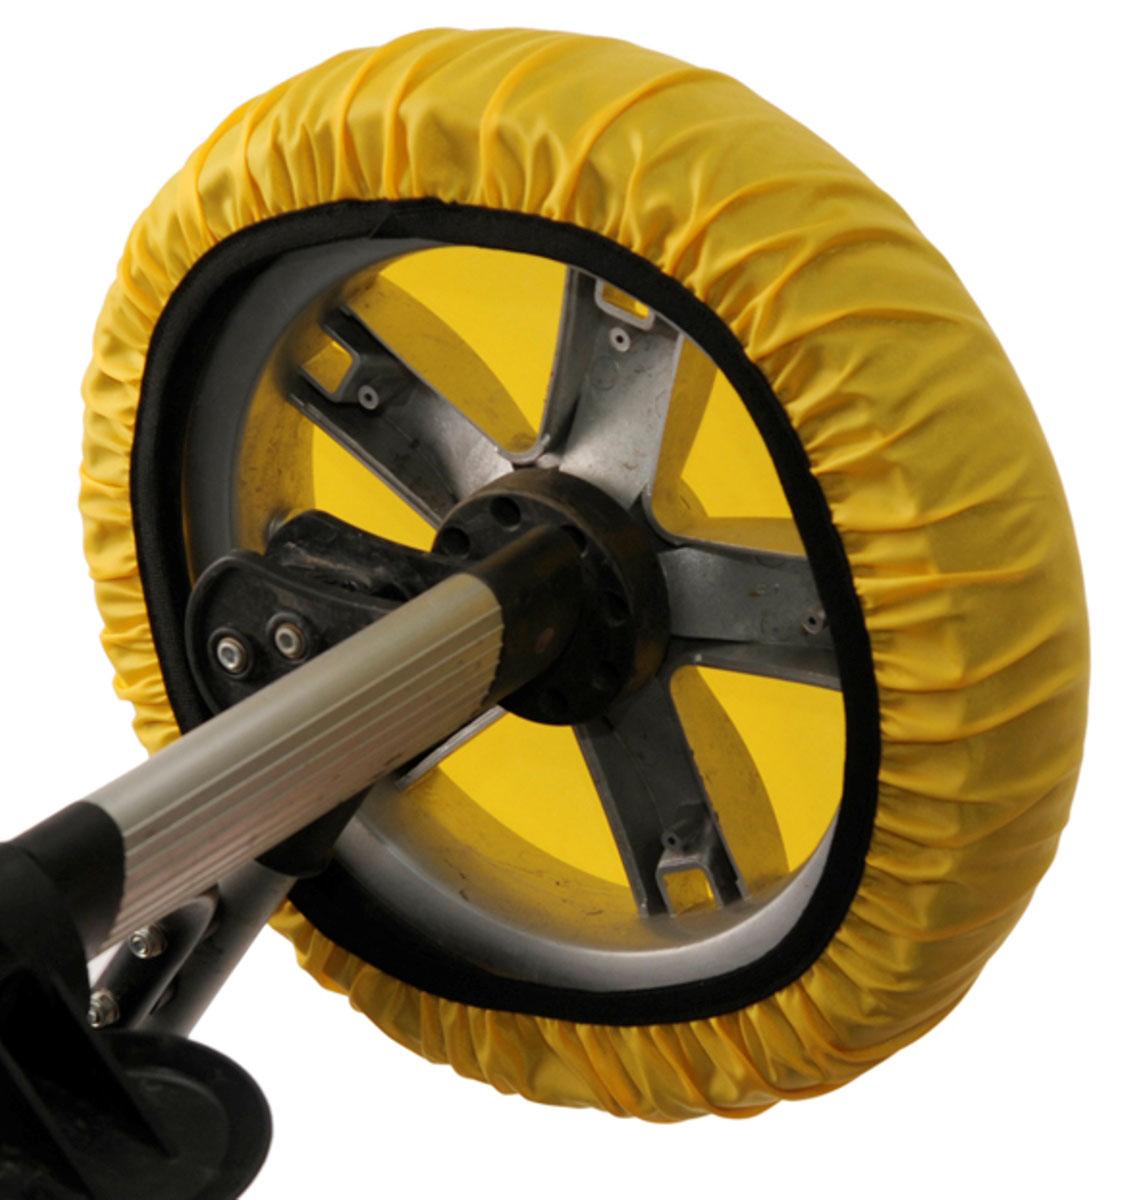 Чудо-Чадо Чехлы на колеса для коляски диаметр 28-38 см цвет желтый 4 шт -  Аксессуары для колясок